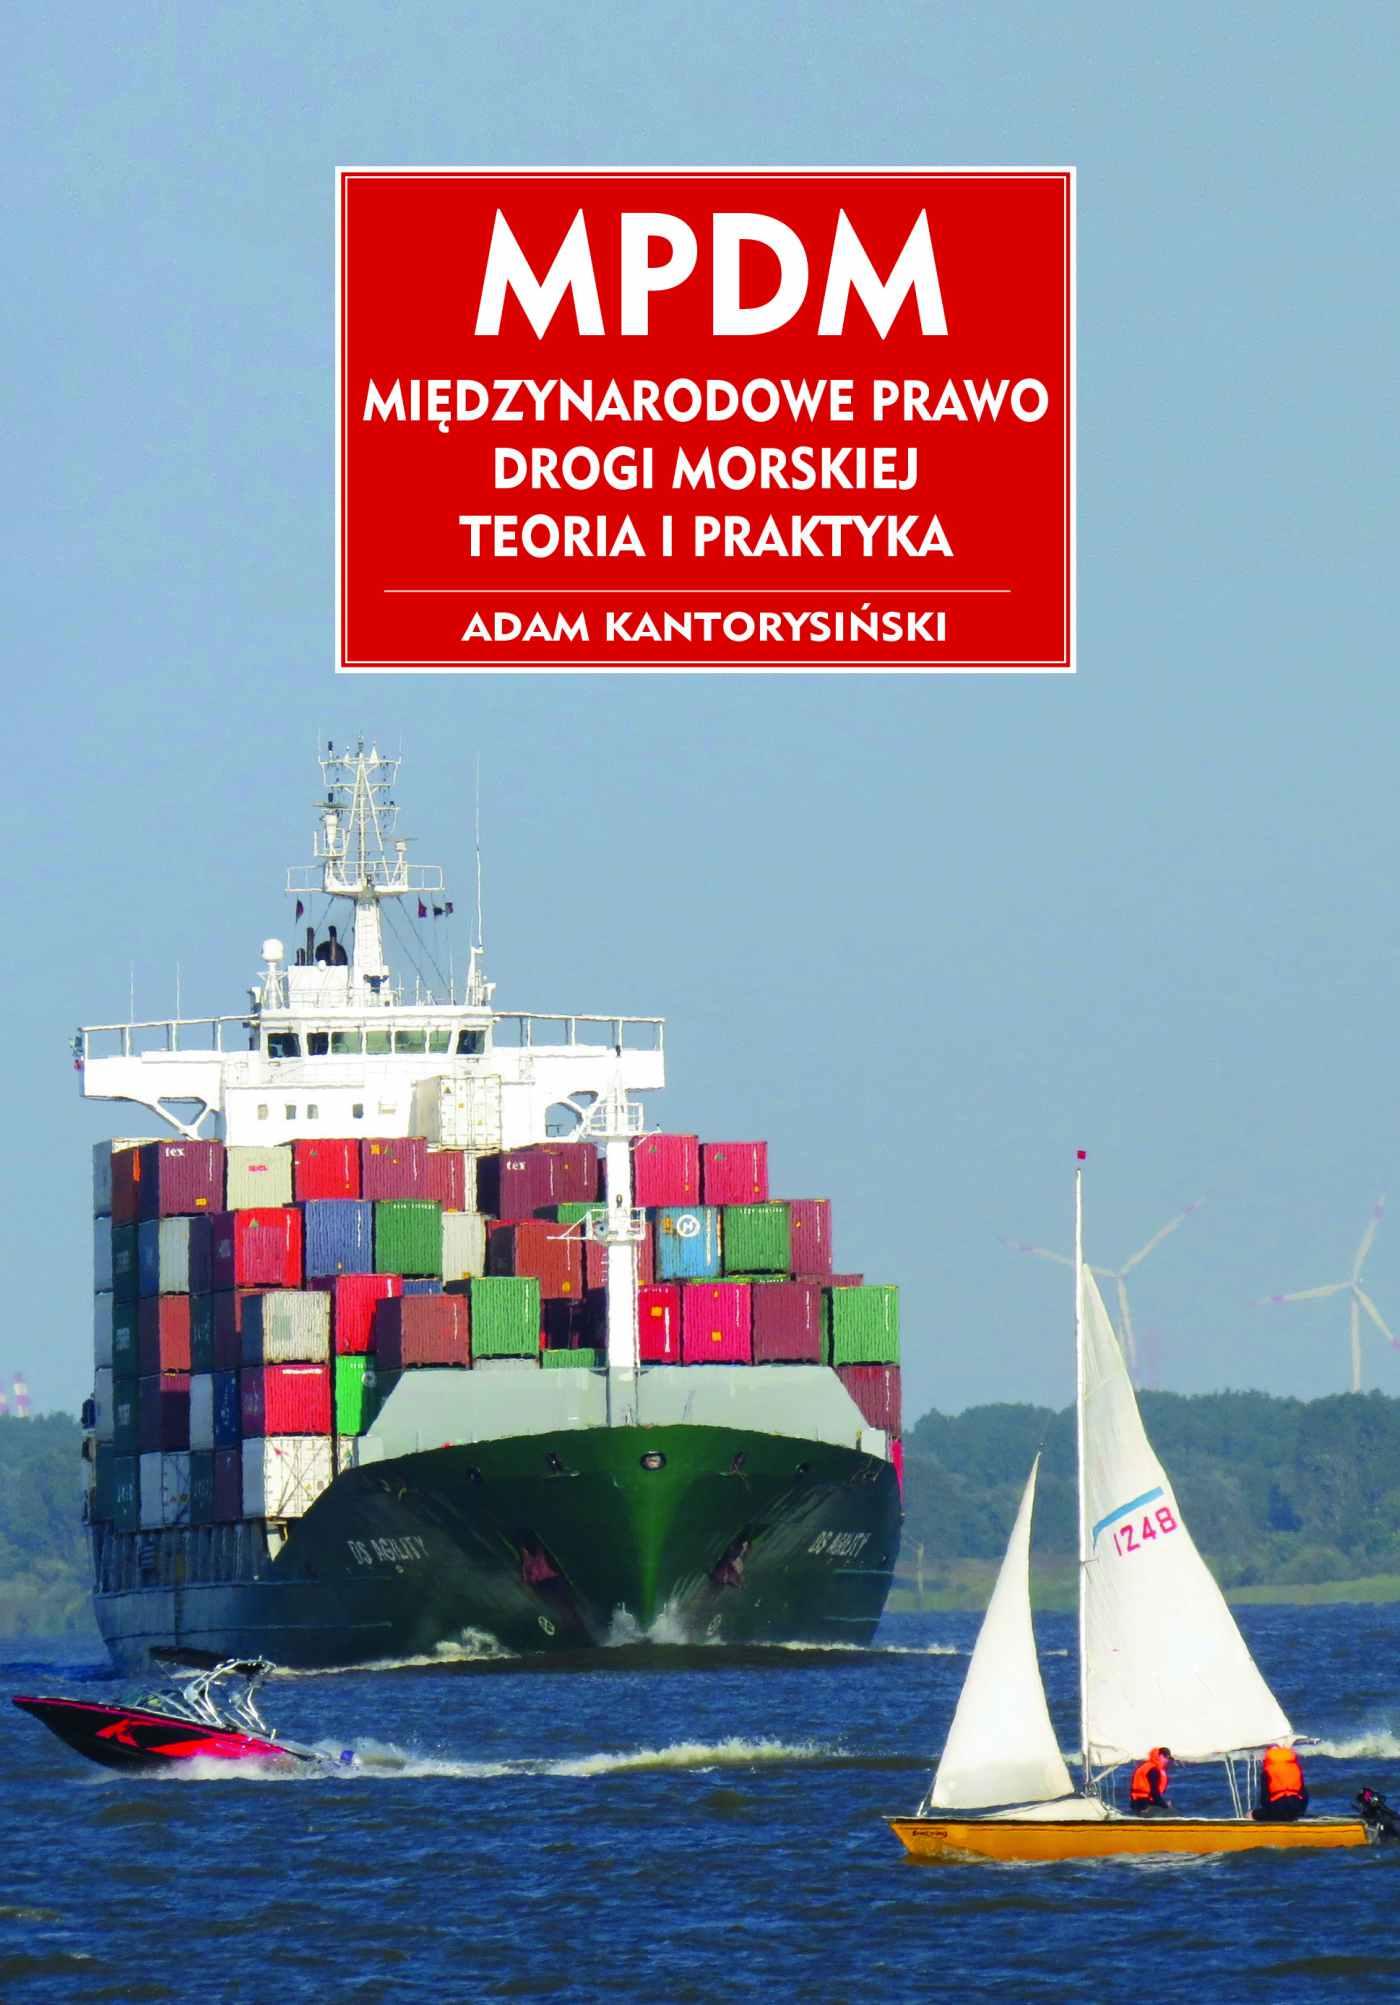 MPDM. Miedzynarodowe Prawo Drogi Morskiej. Teoria i praktyka - Ebook (Książka PDF) do pobrania w formacie PDF